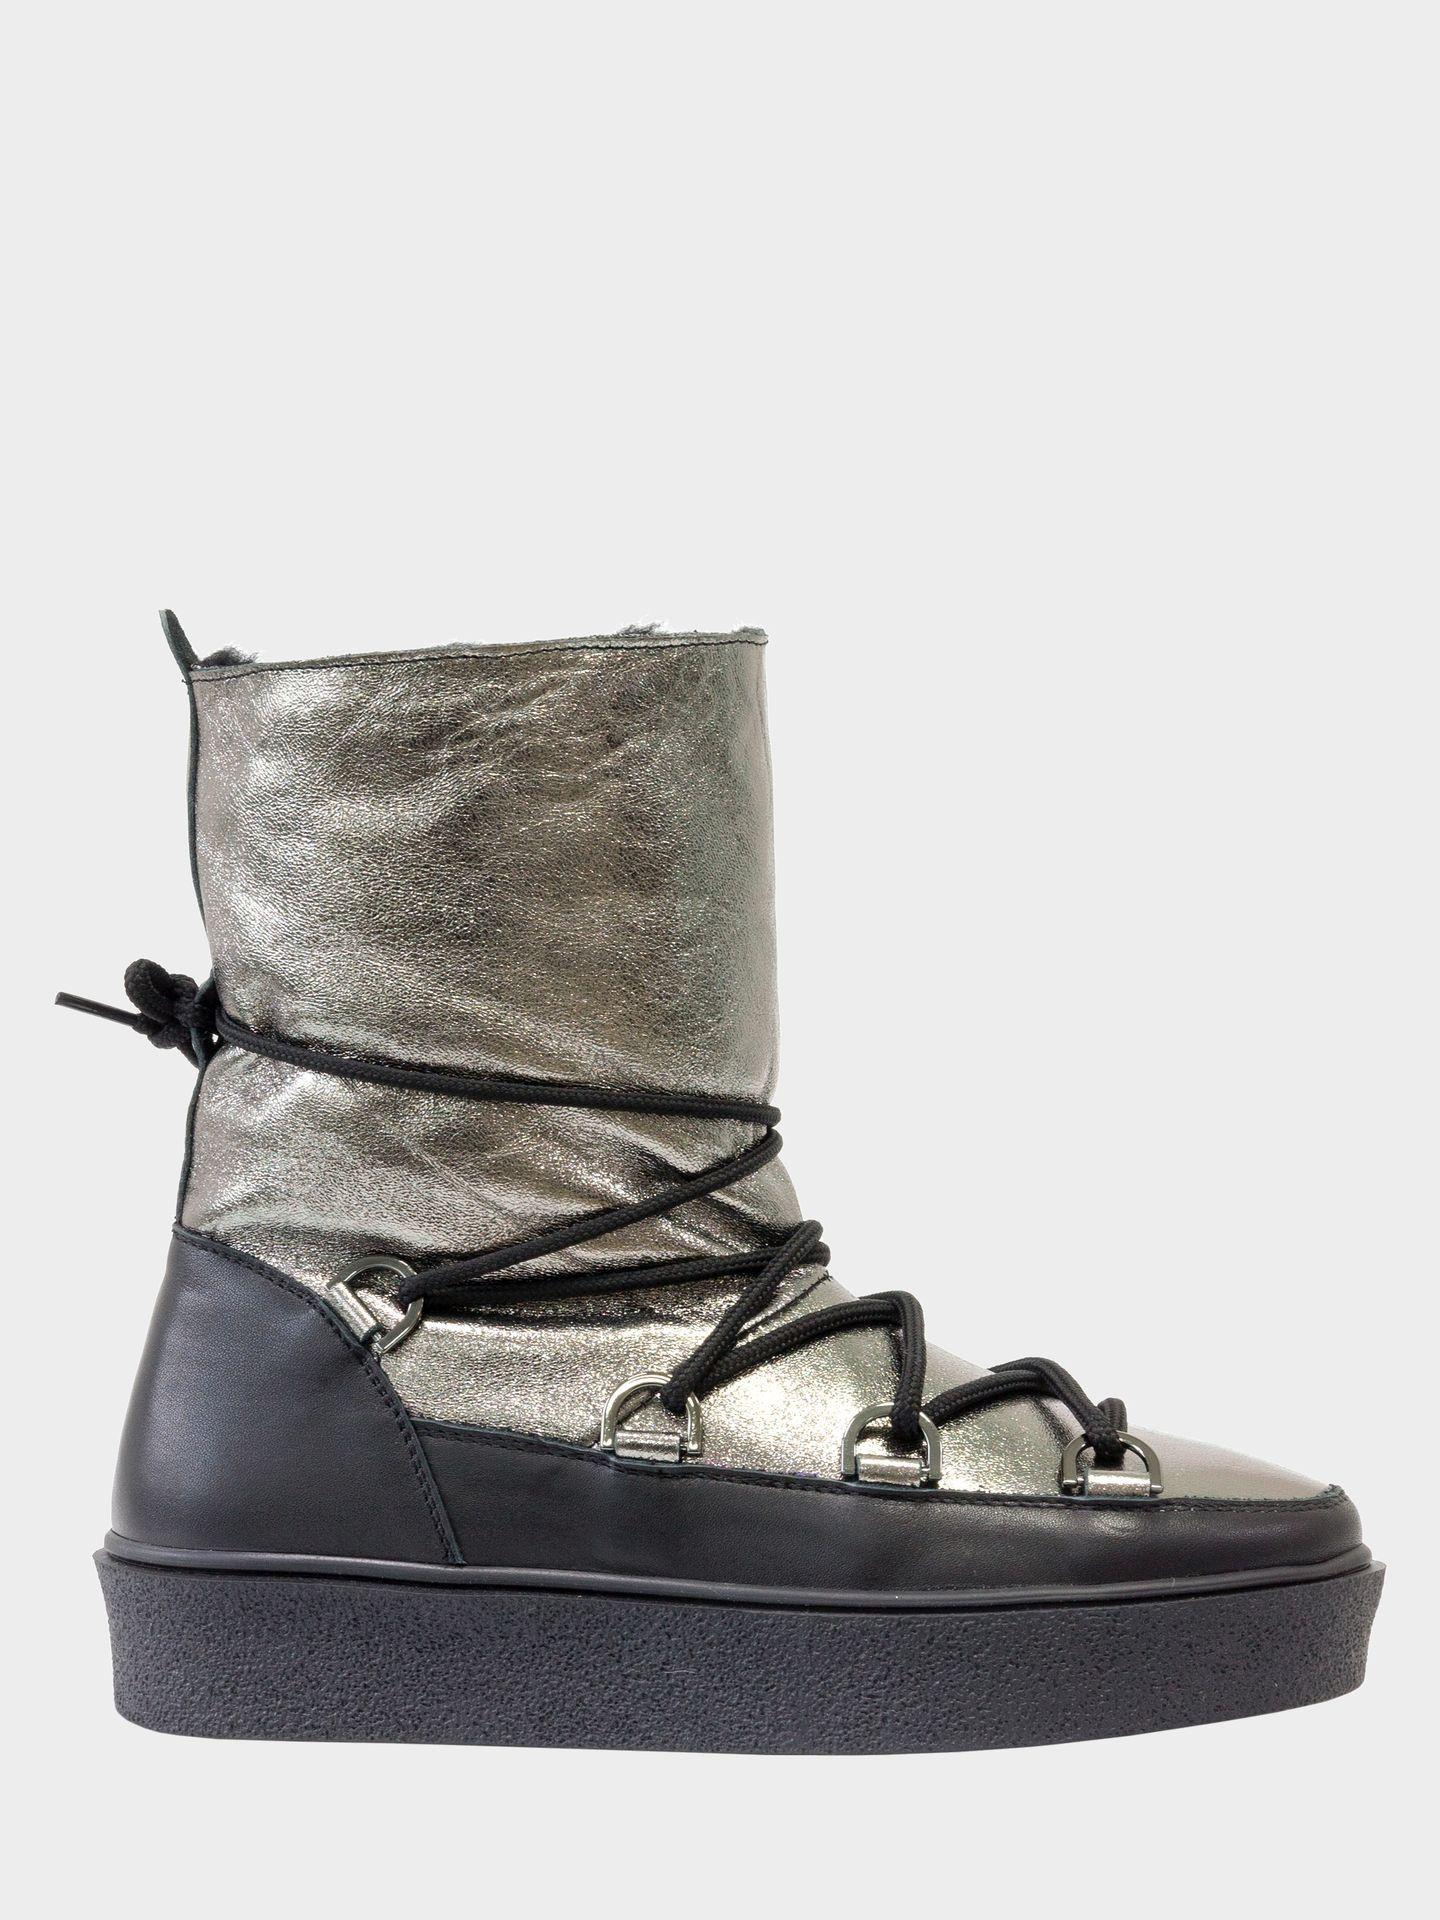 Сапоги женские Gino Figini GF-17112-02 модная обувь, 2017